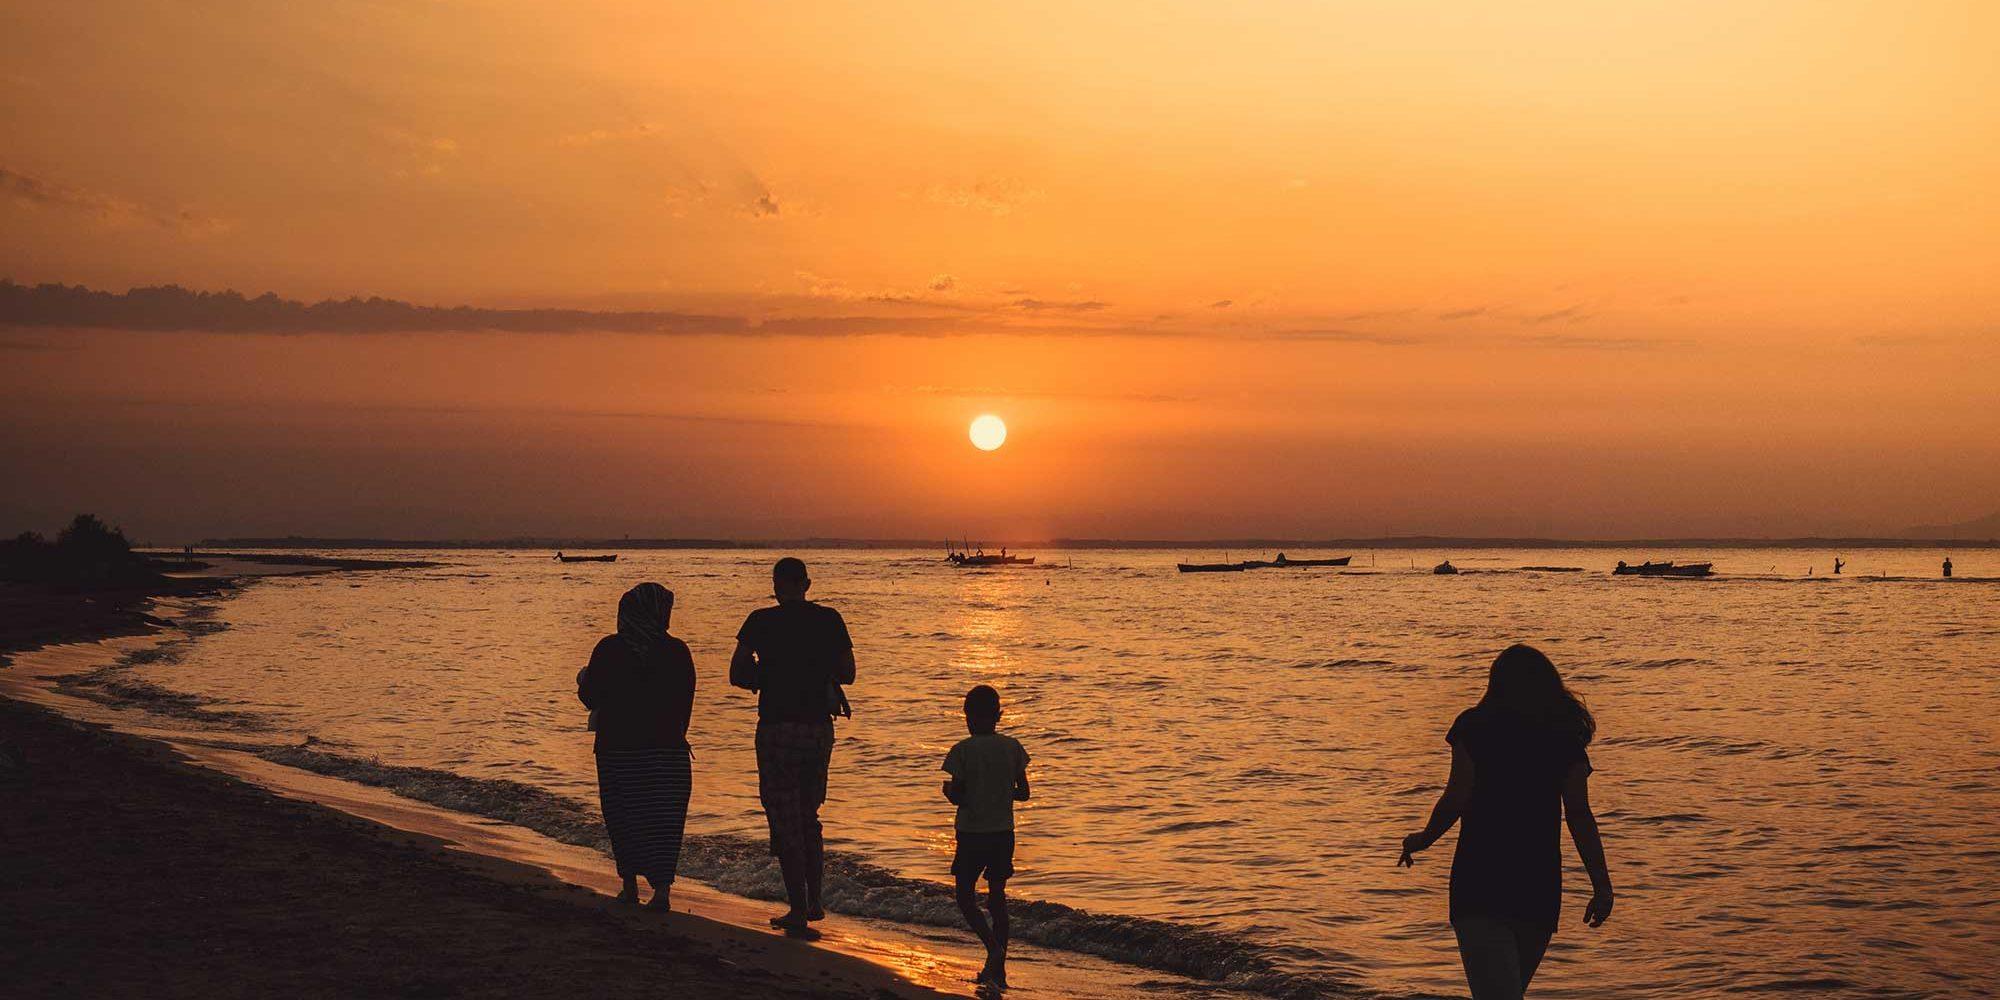 backlit-beach-dawn-1129615-resized